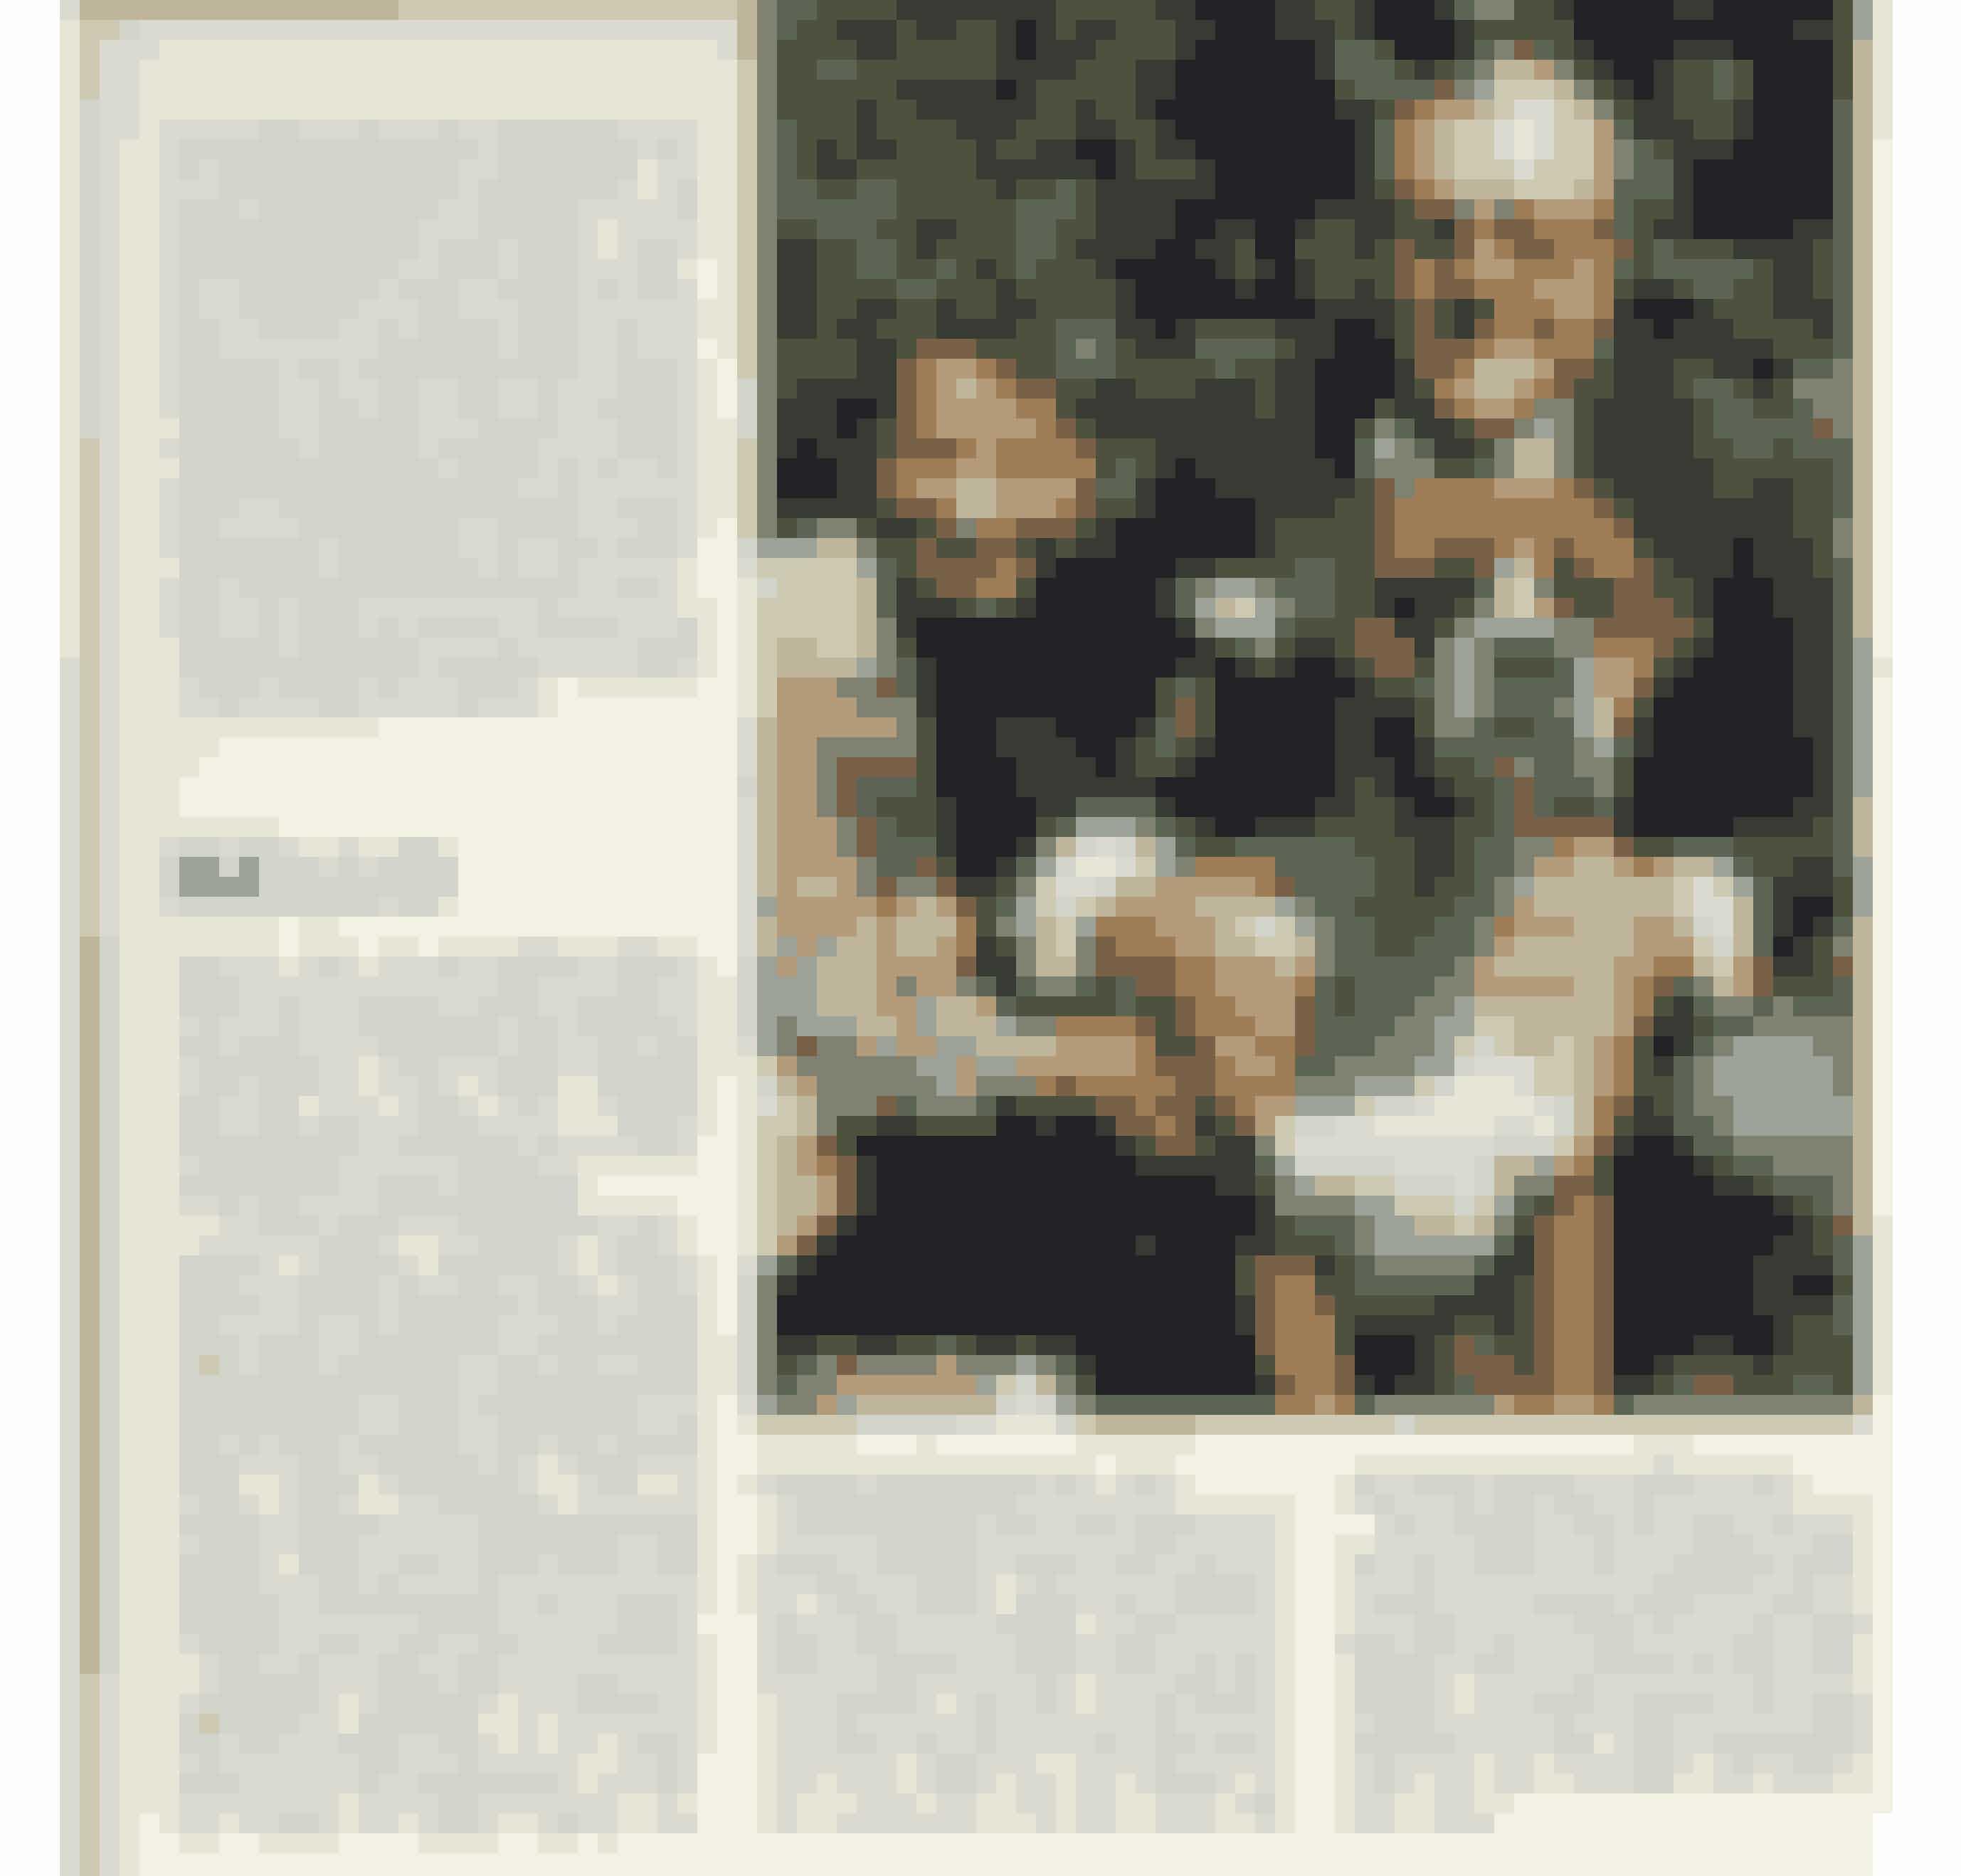 I 1982 udfordrede Familie Journal journalistikkens rammer ved at interviewe kendte menneskers hunde. For eksempel Poul Bundgaards bokser Bello, der fortæller, at han ikke kan døje at drikke vand af en skål. Han giver blot hals, og så kommer hans far straks og lukker op for vandhanen, så han kan få dejligt koldt vand.